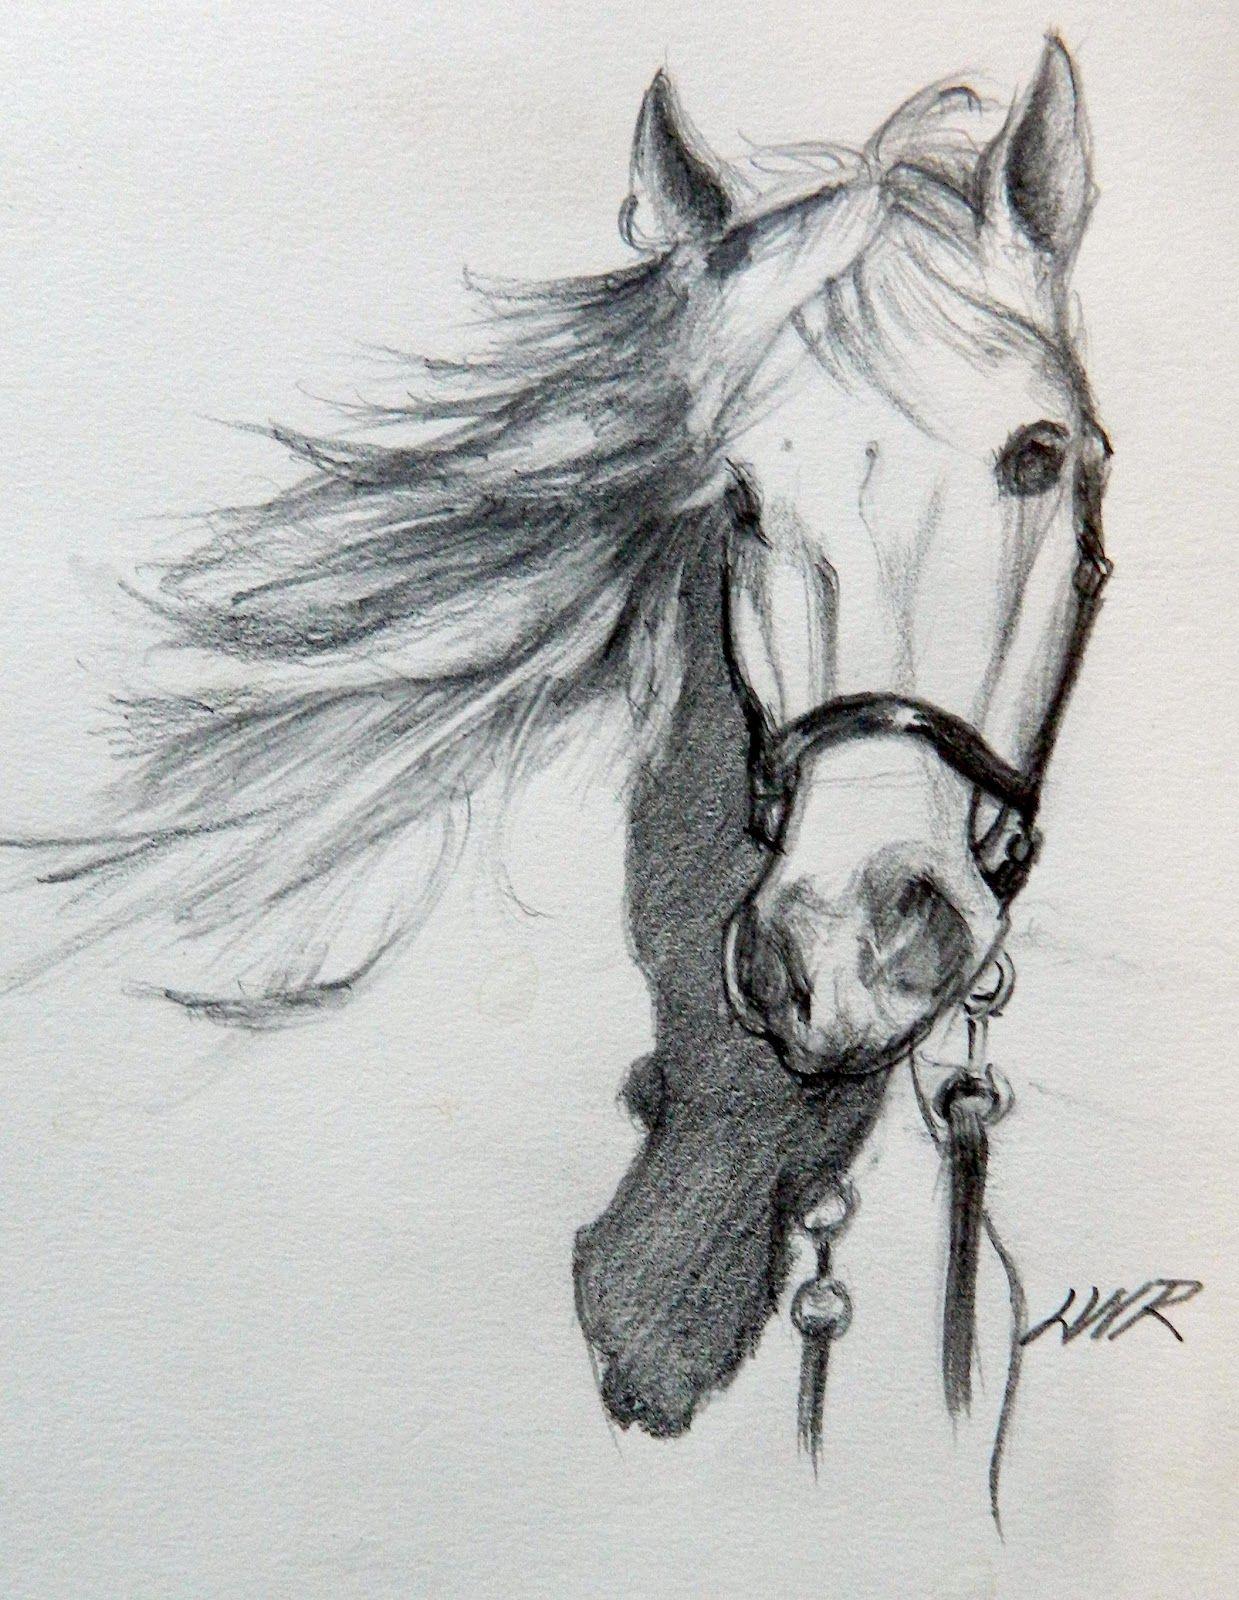 рисунки животных карандашом для начинающих художников